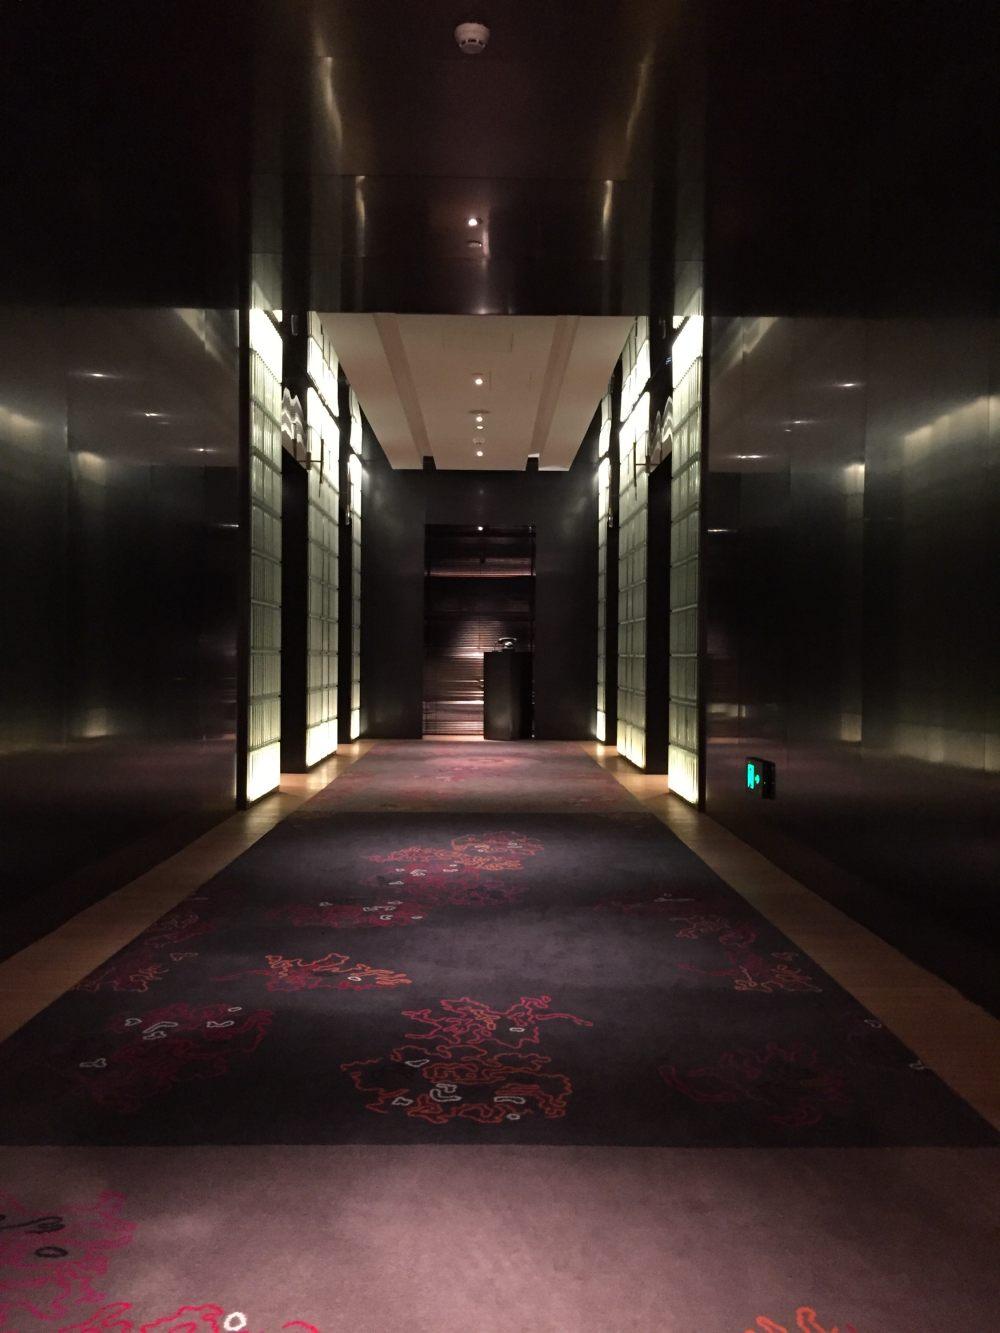 上海外滩W酒店,史上最全入住体验 自拍分享,申请置...._IMG_6222.JPG